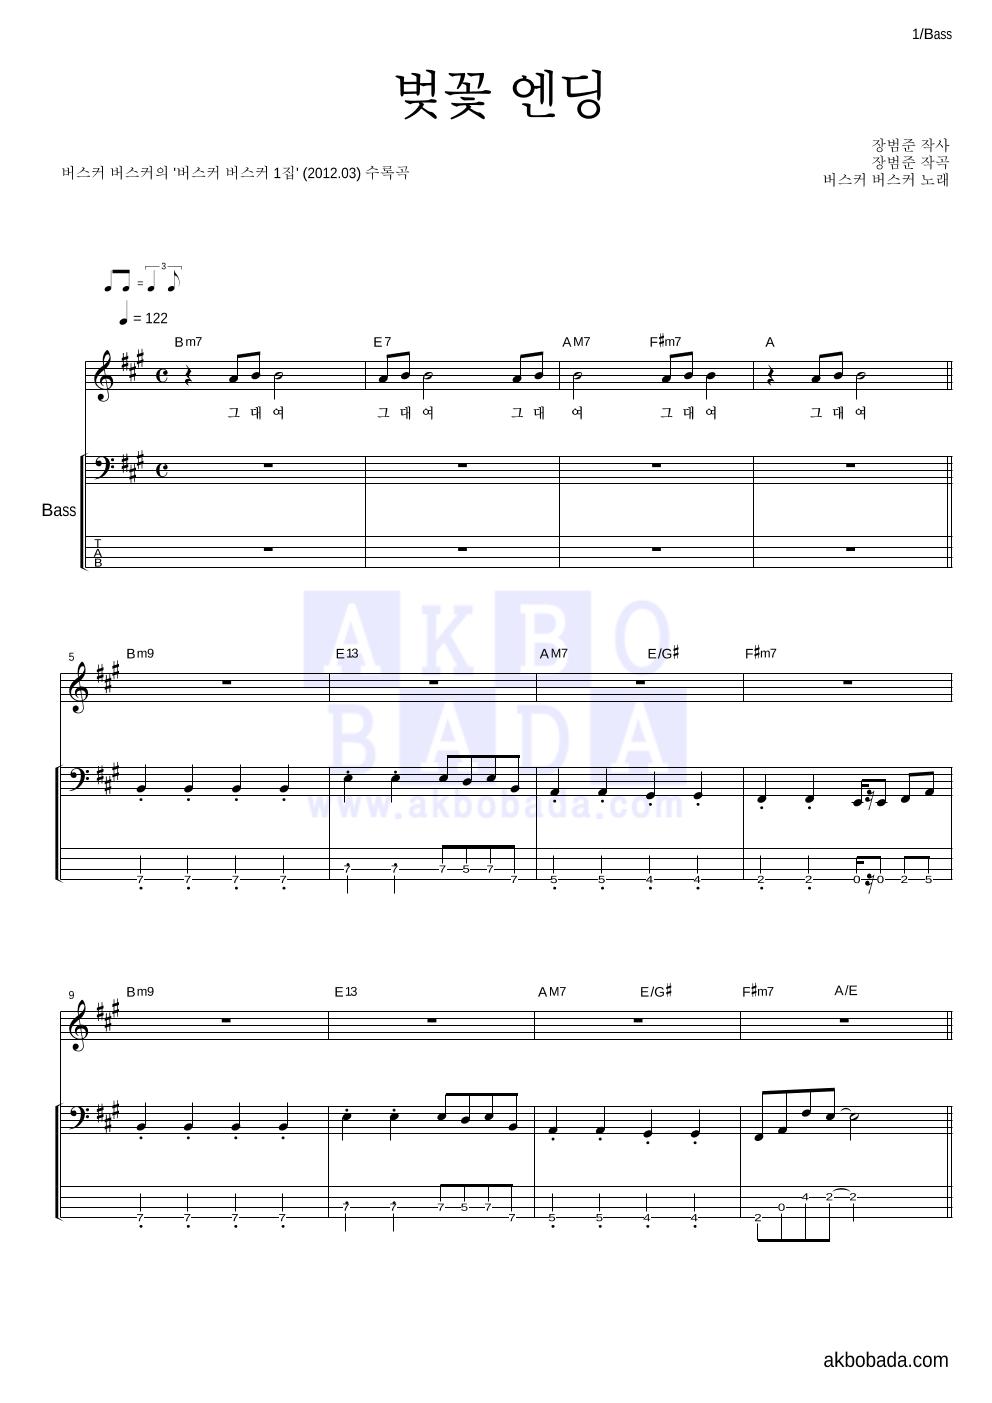 버스커 버스커 - 벚꽃 엔딩 베이스 악보